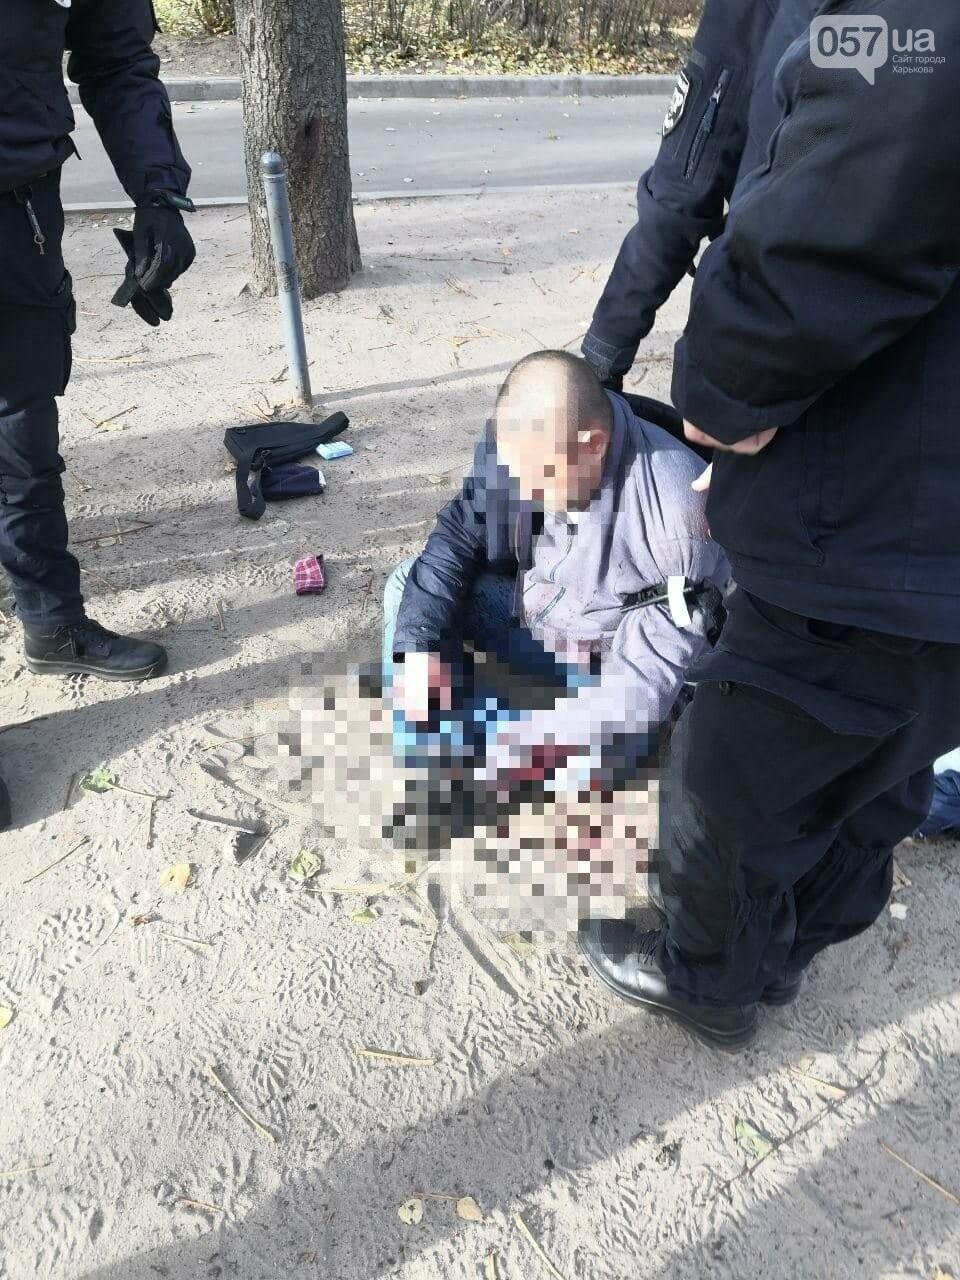 Взрыв в Харькове: что известно о состоянии мужчины, пытавшегося кинуть гранату в квартиру, - ФОТО, фото-1